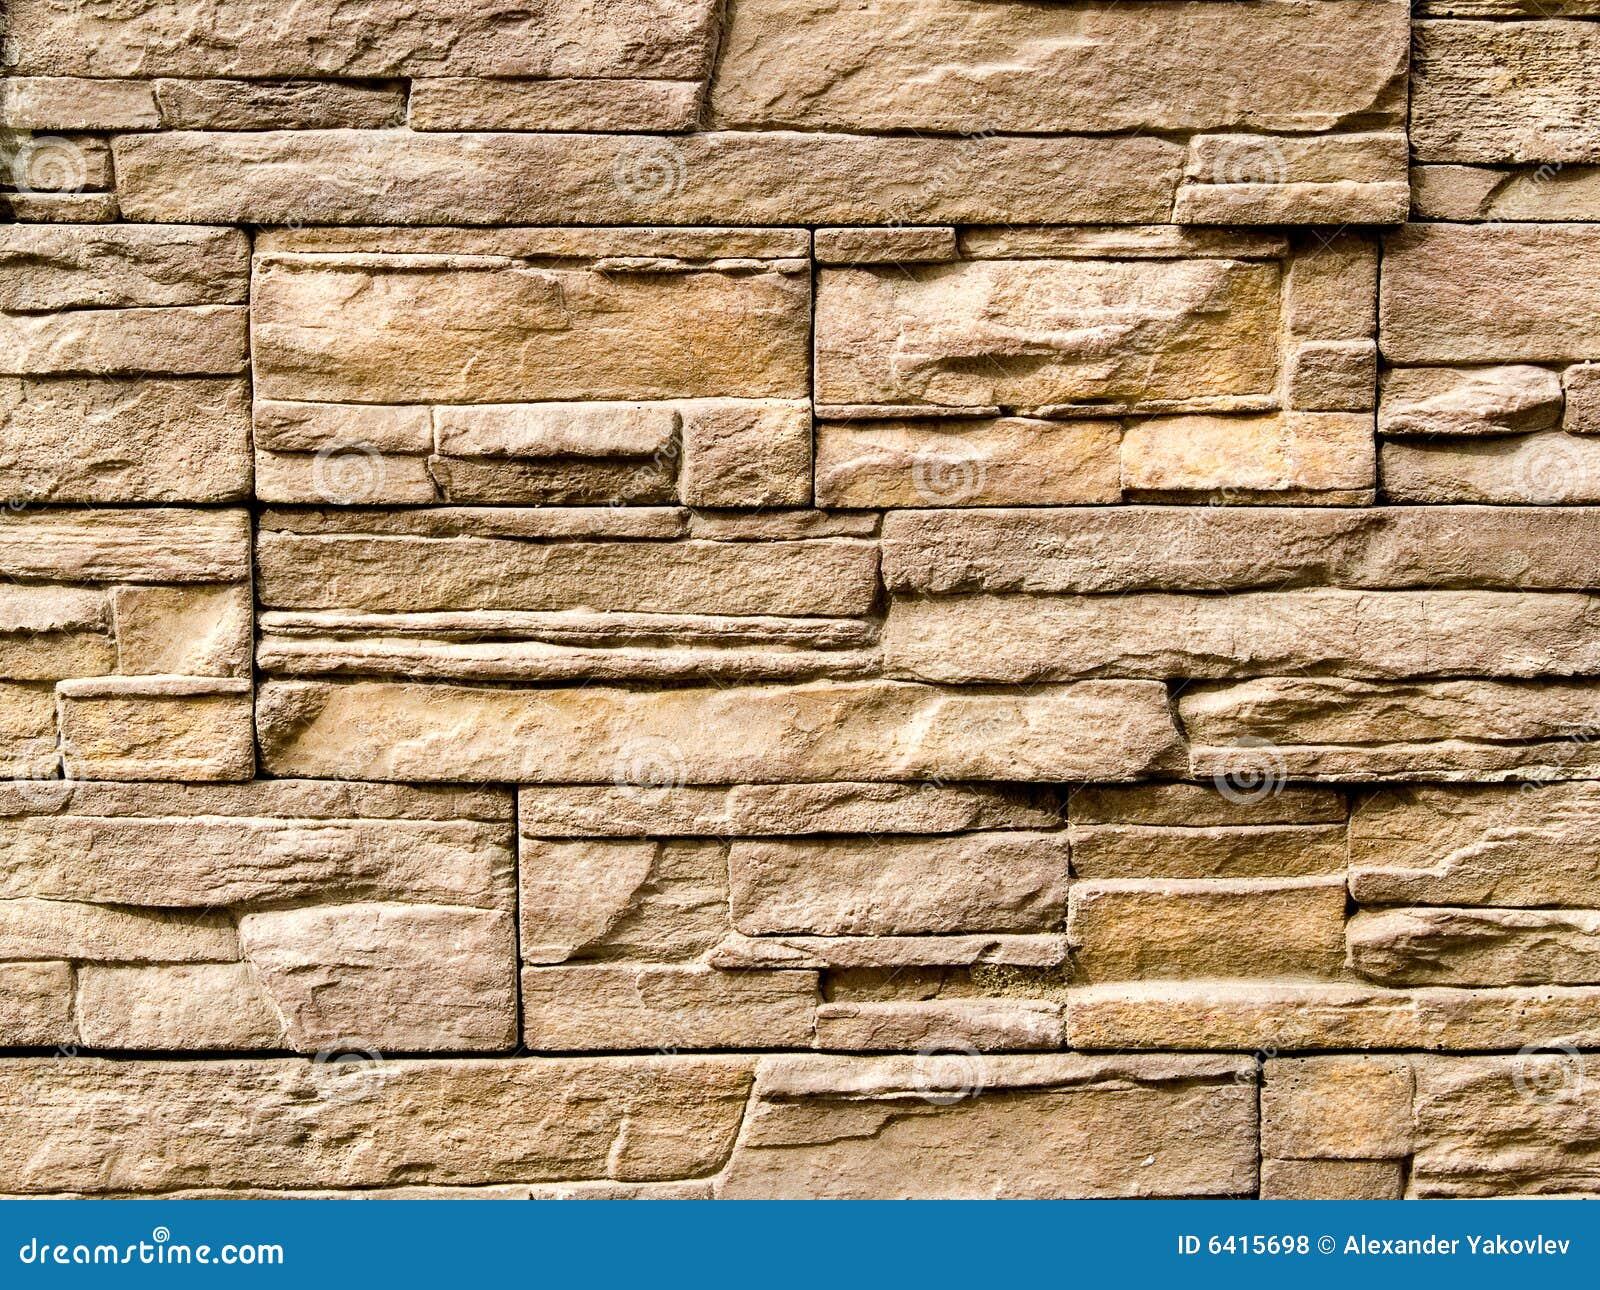 Dekorative wand stockfoto bild von aufbau block - Dekorative wande ...